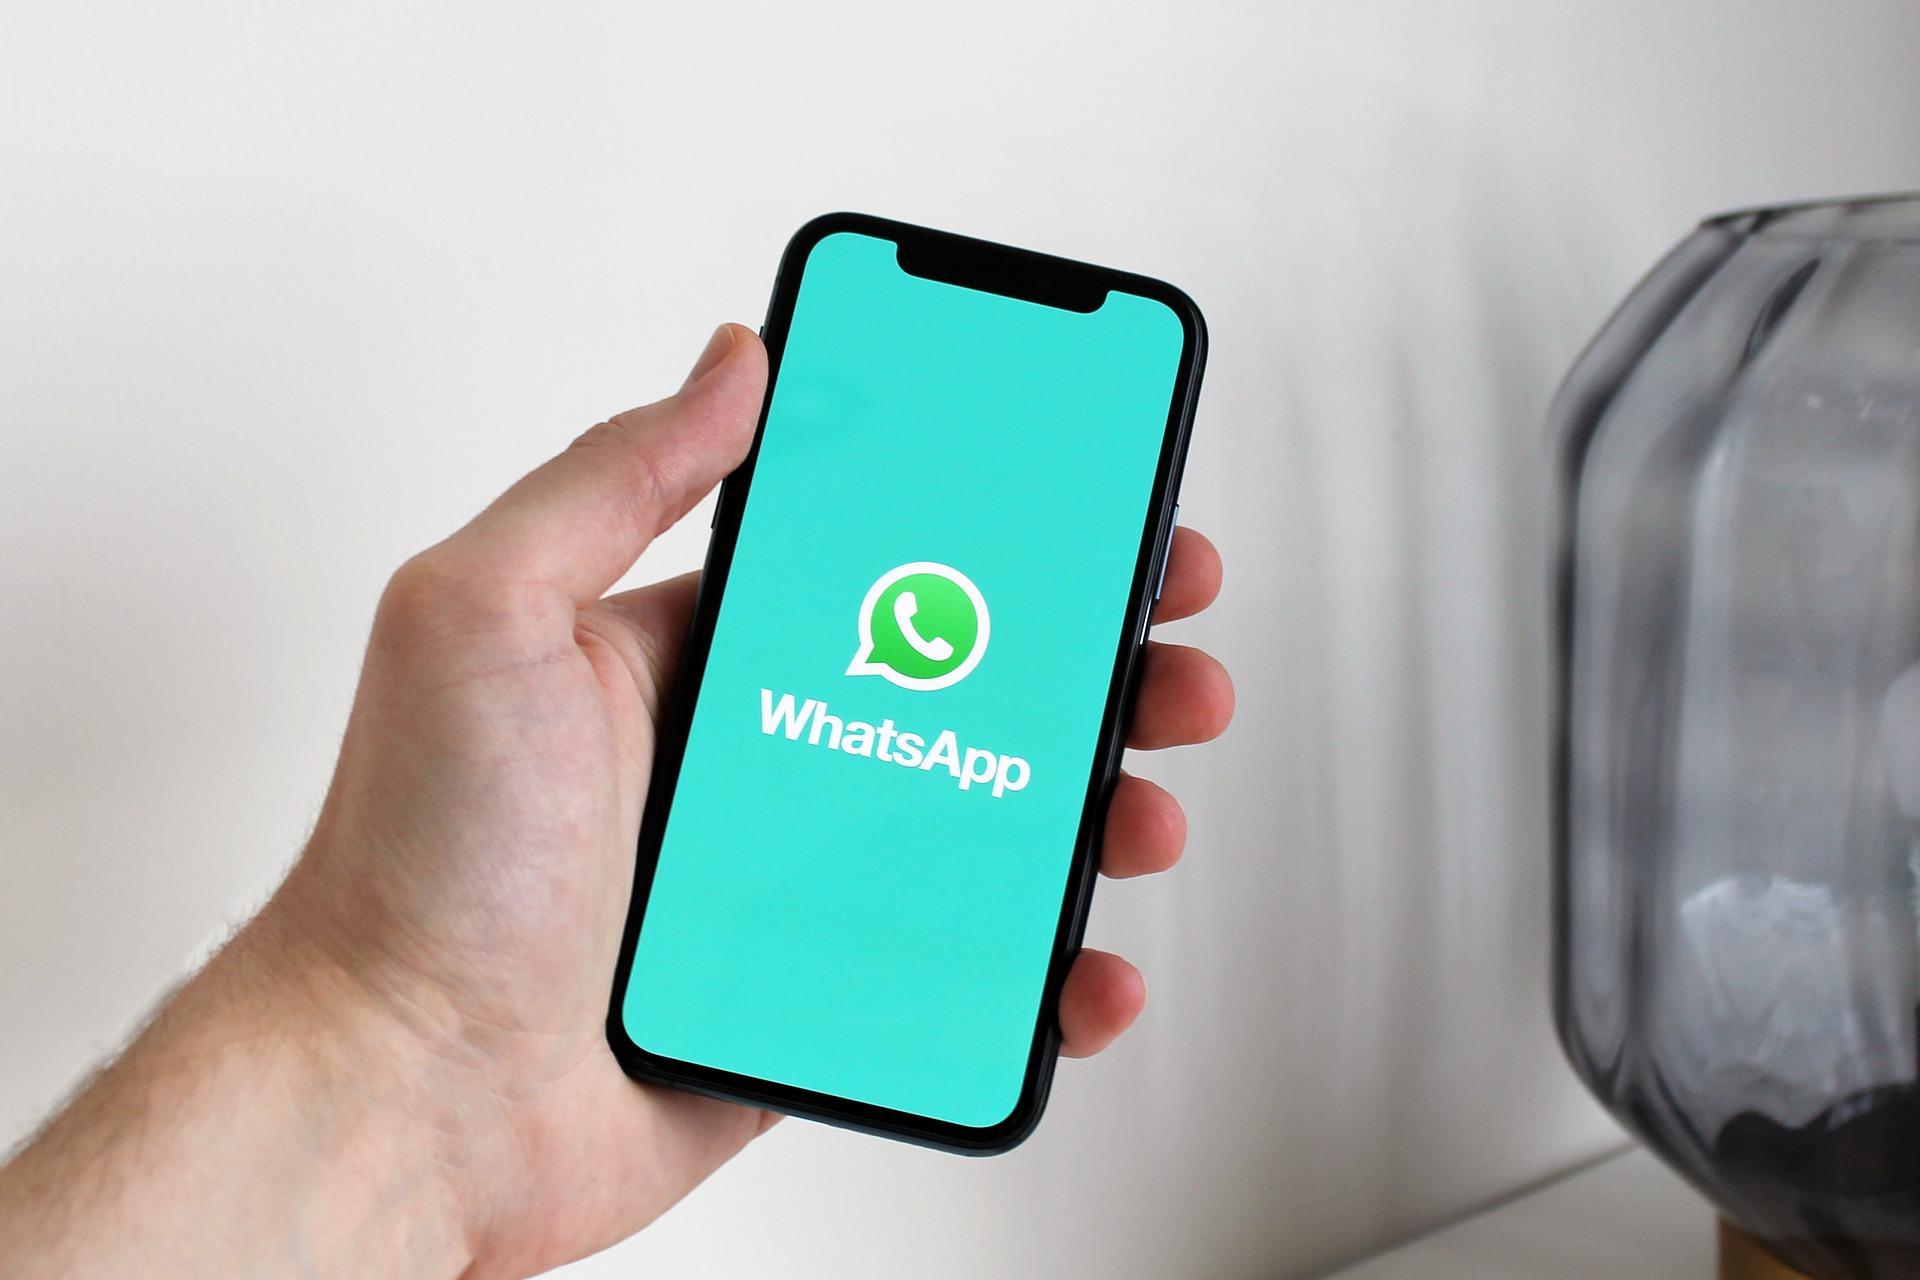 Эксперт рассказала, как защититься от слежки в WhatsApp